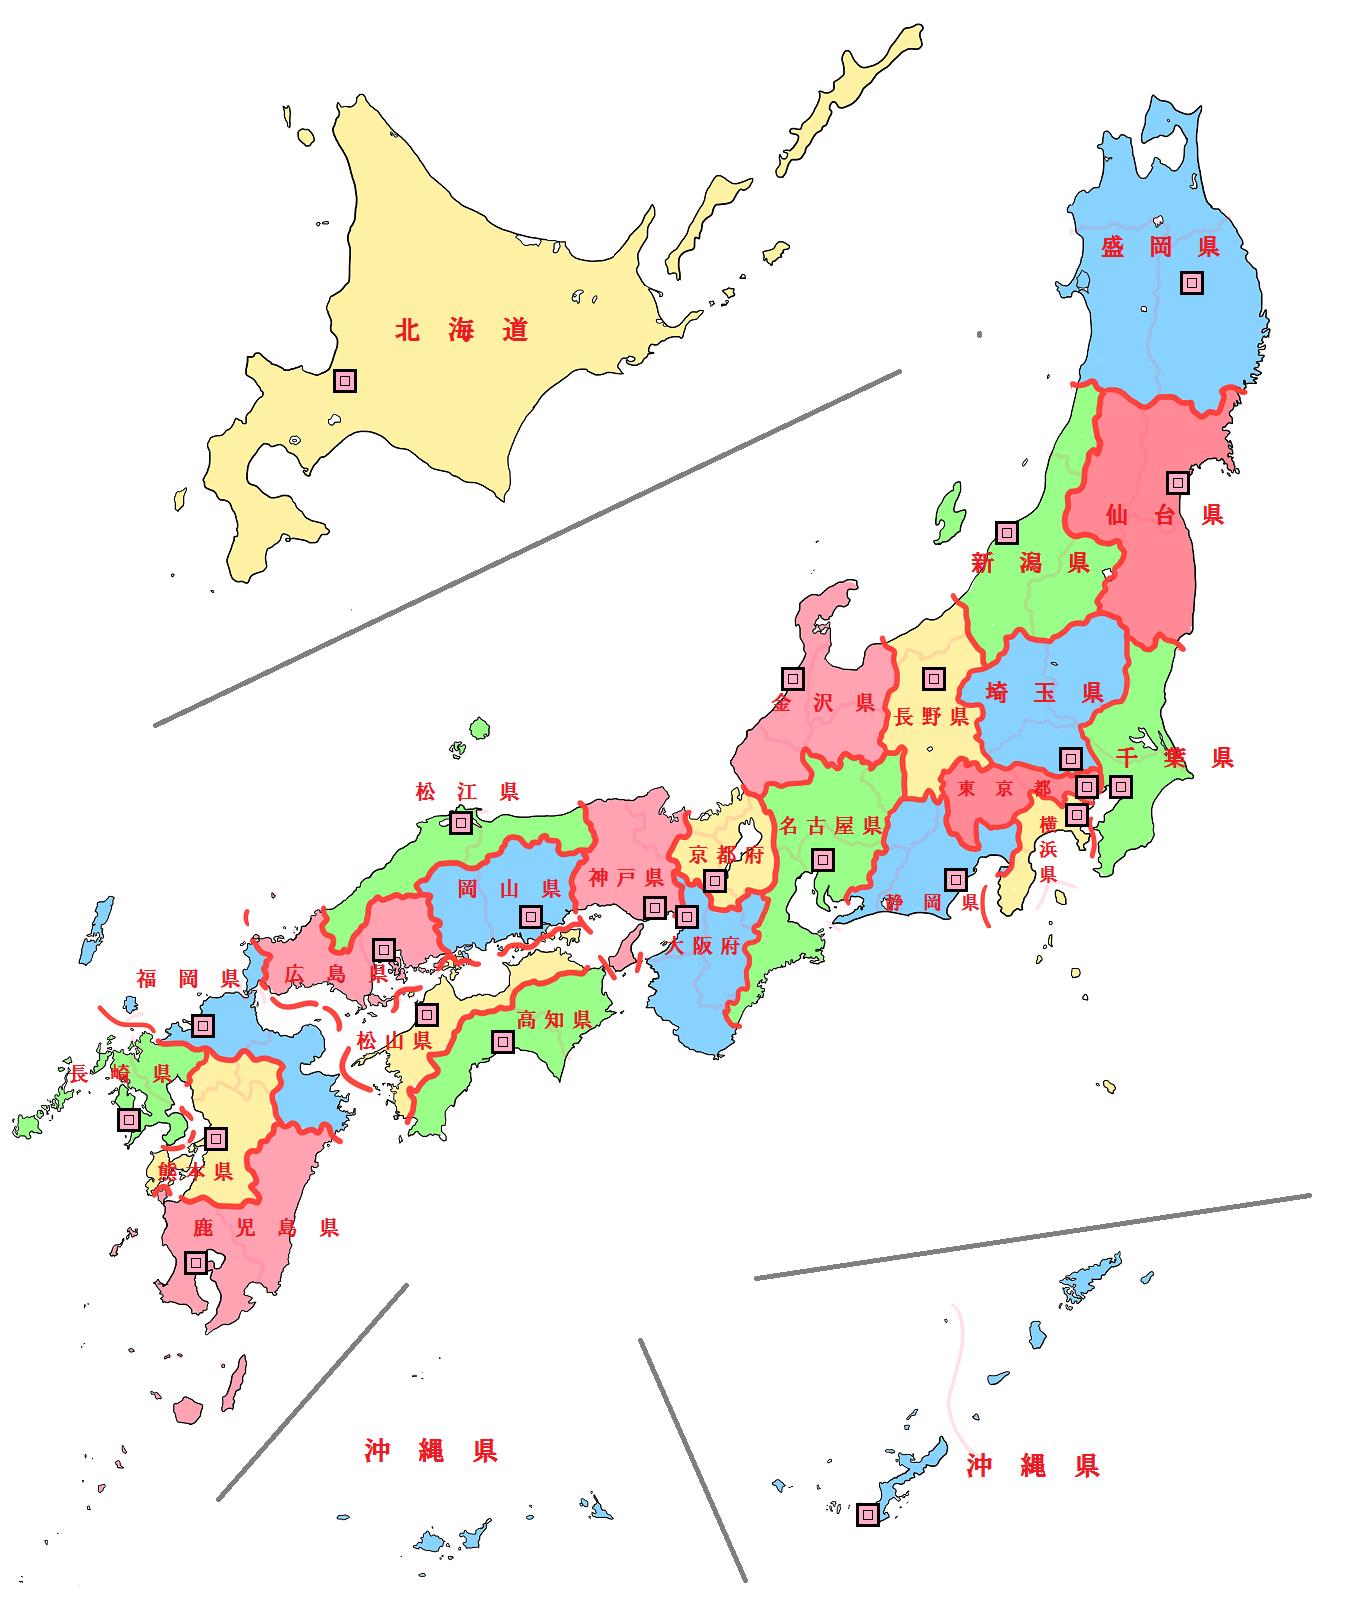 日本の都道府県を『25』に ... : 都道府県 地域区分 : 都道府県